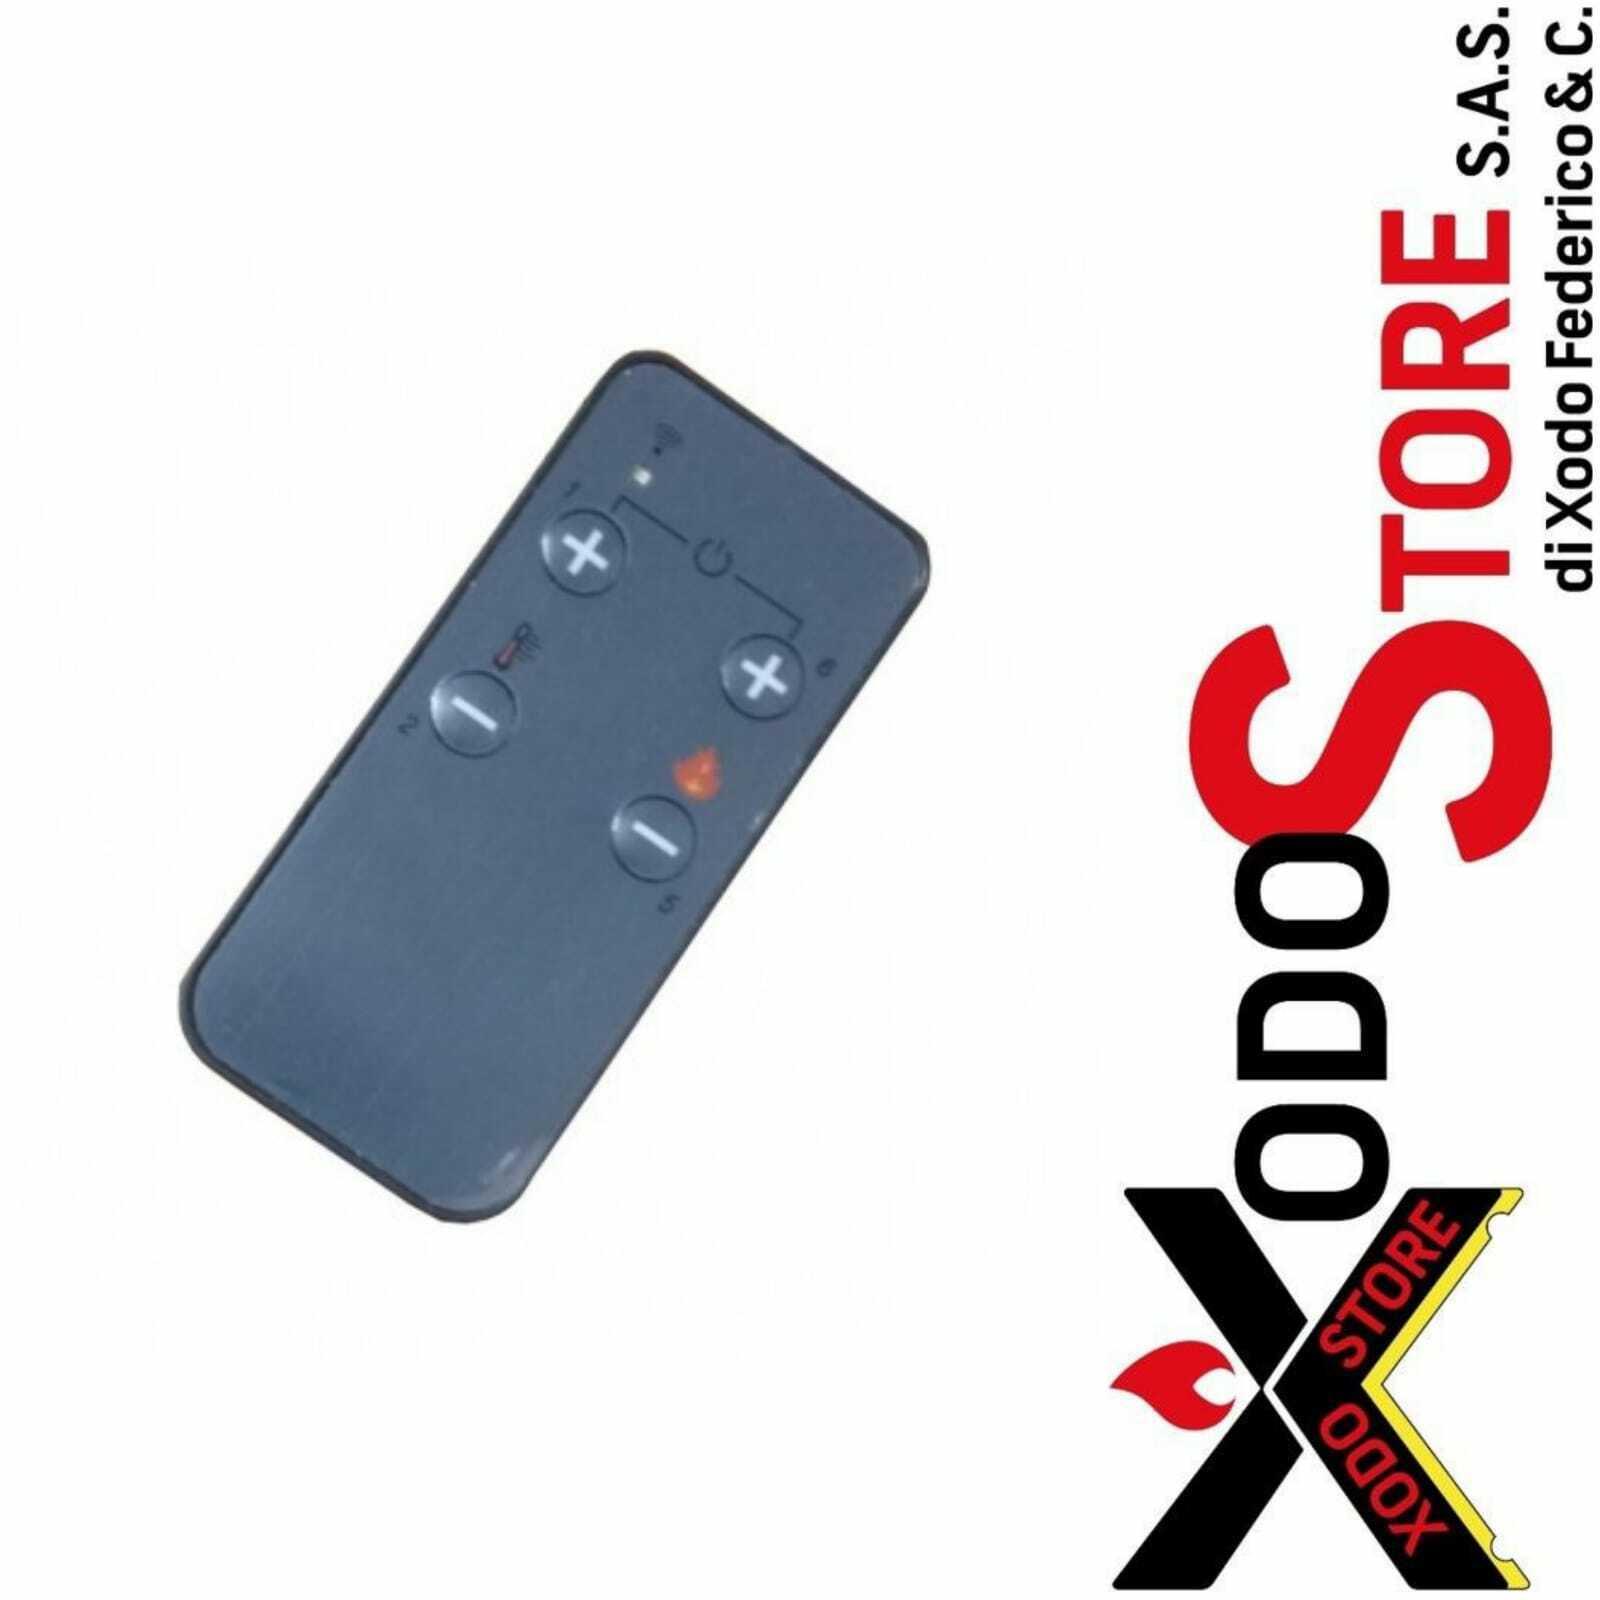 Telecomando infrarossi termoregolatori MICRONOVA per stufe - cod. 14710030